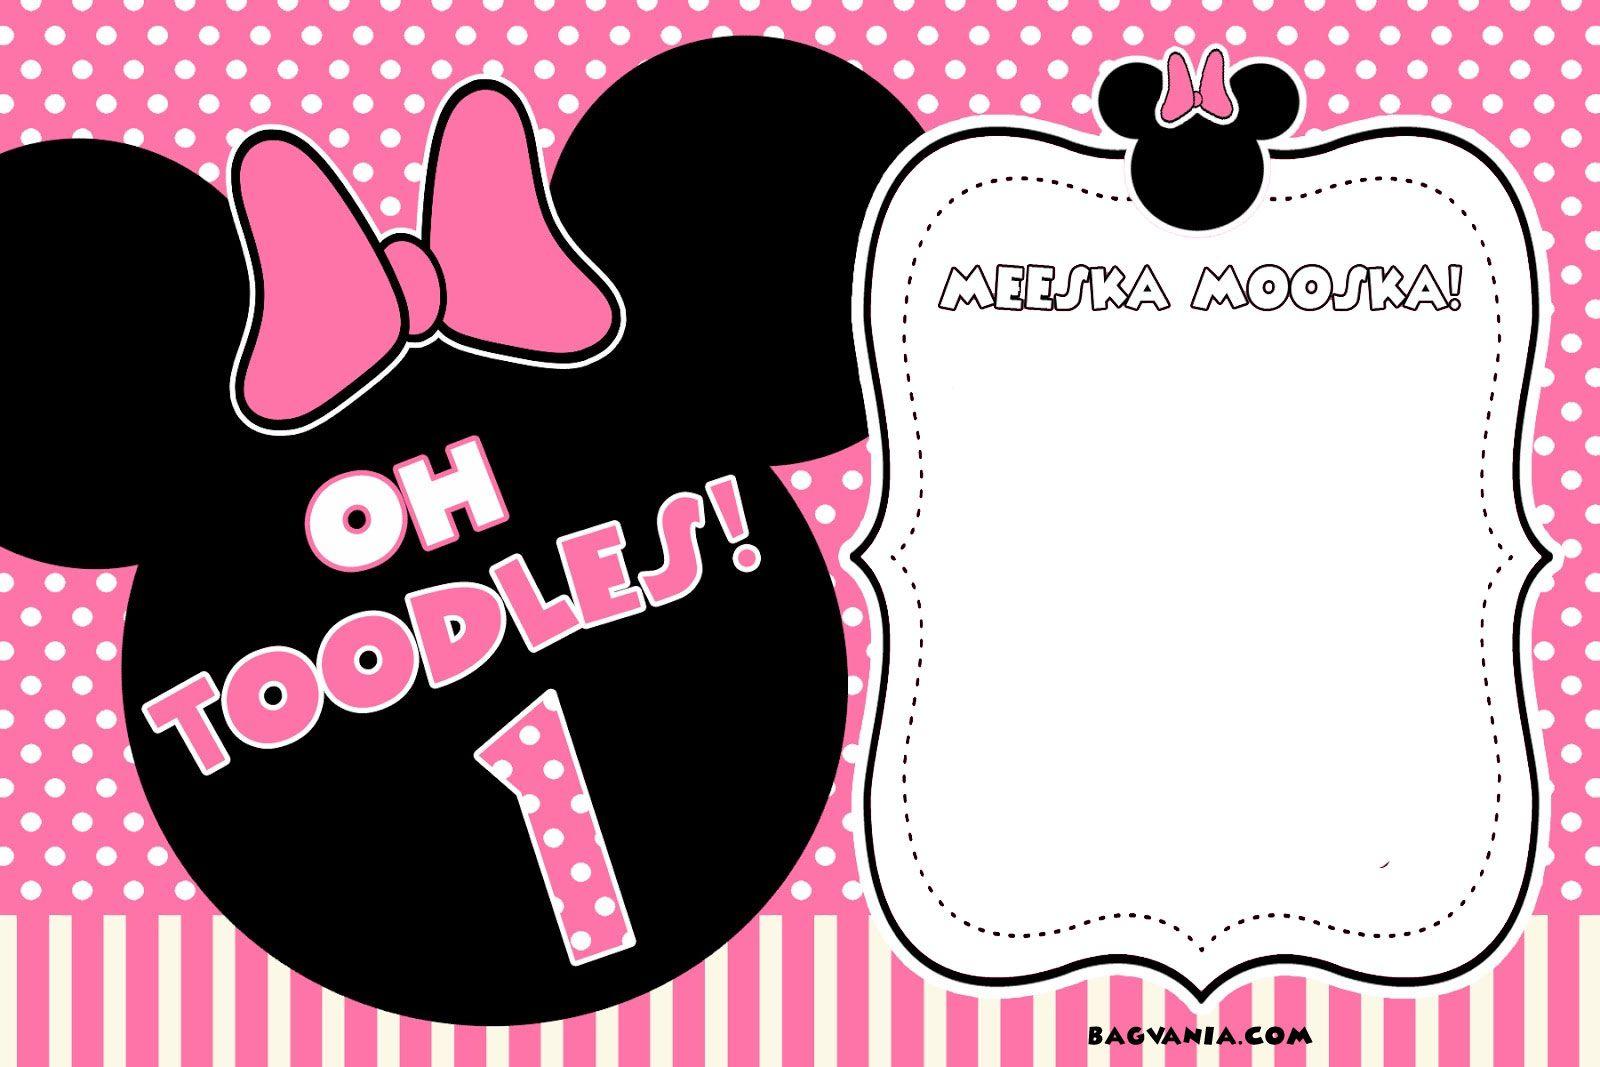 Free Free Printable Minnie Mouse Birthday Invitations | Bagvania - Free Printable Minnie Mouse Invitations